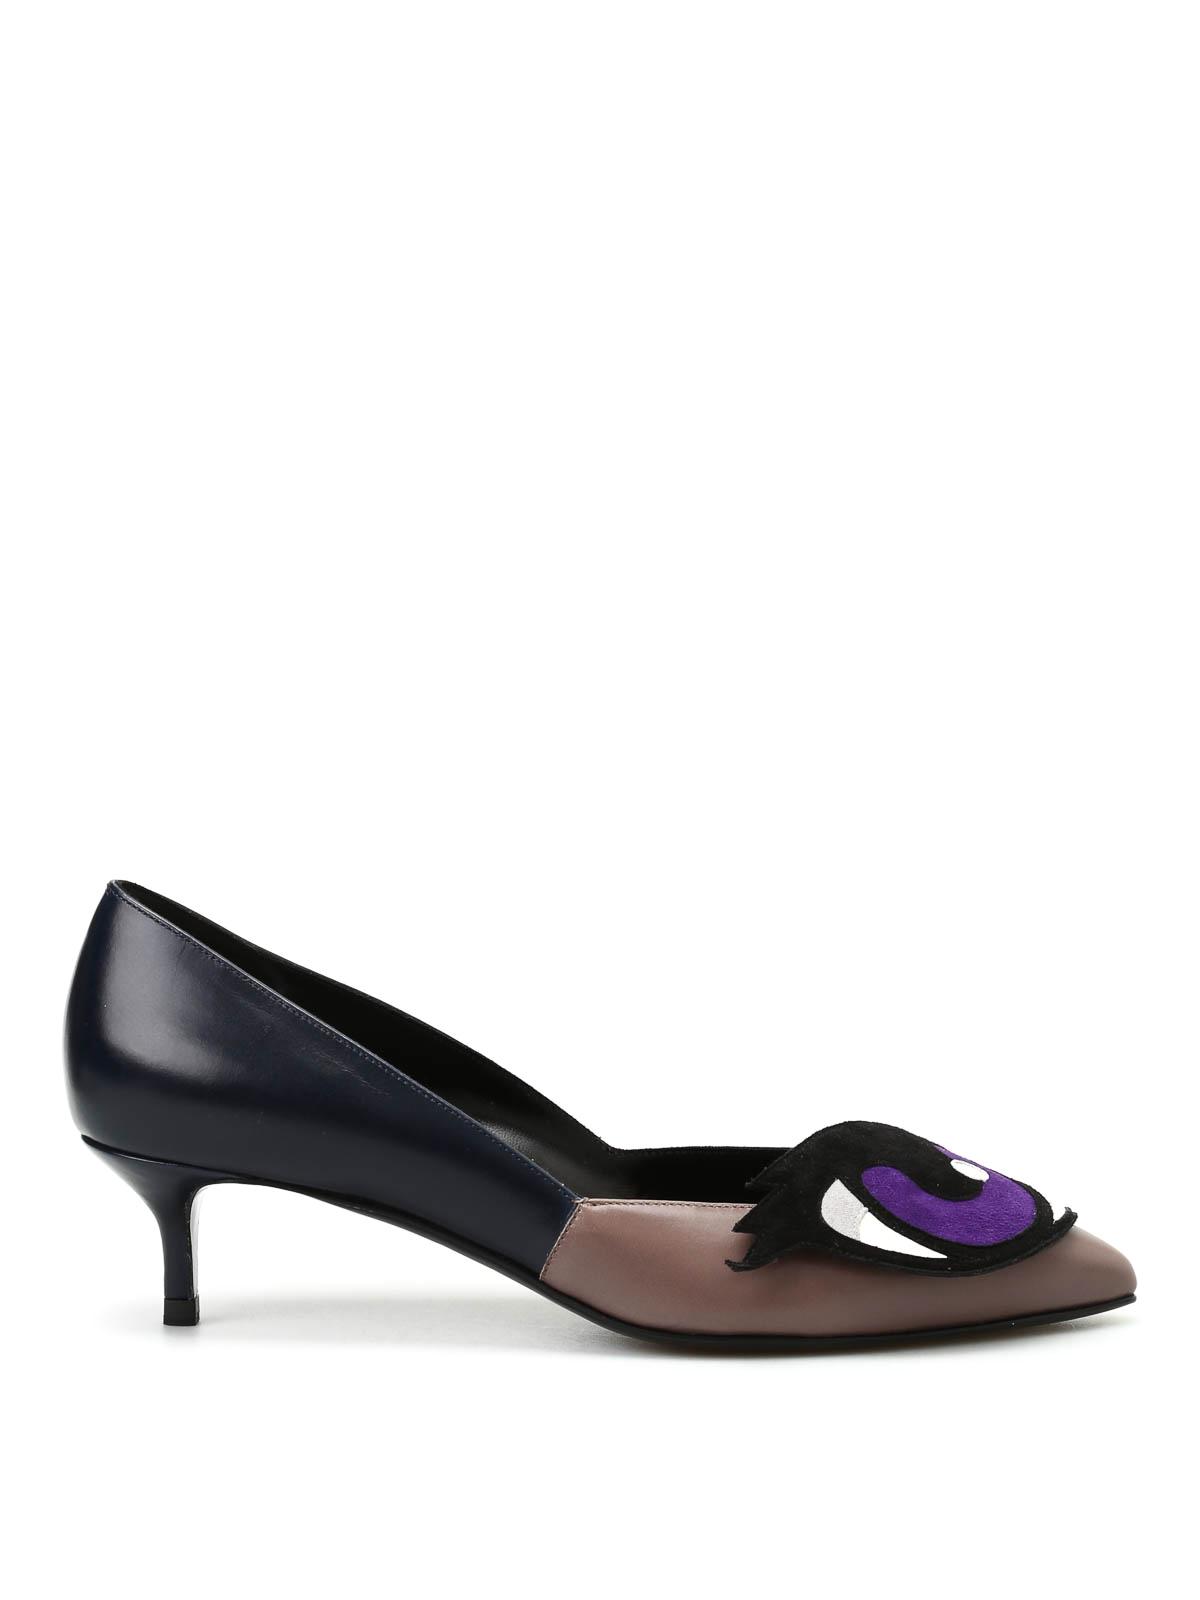 Chaussures - Tribunaux De La Rue De Virginie 7M78UtCQ